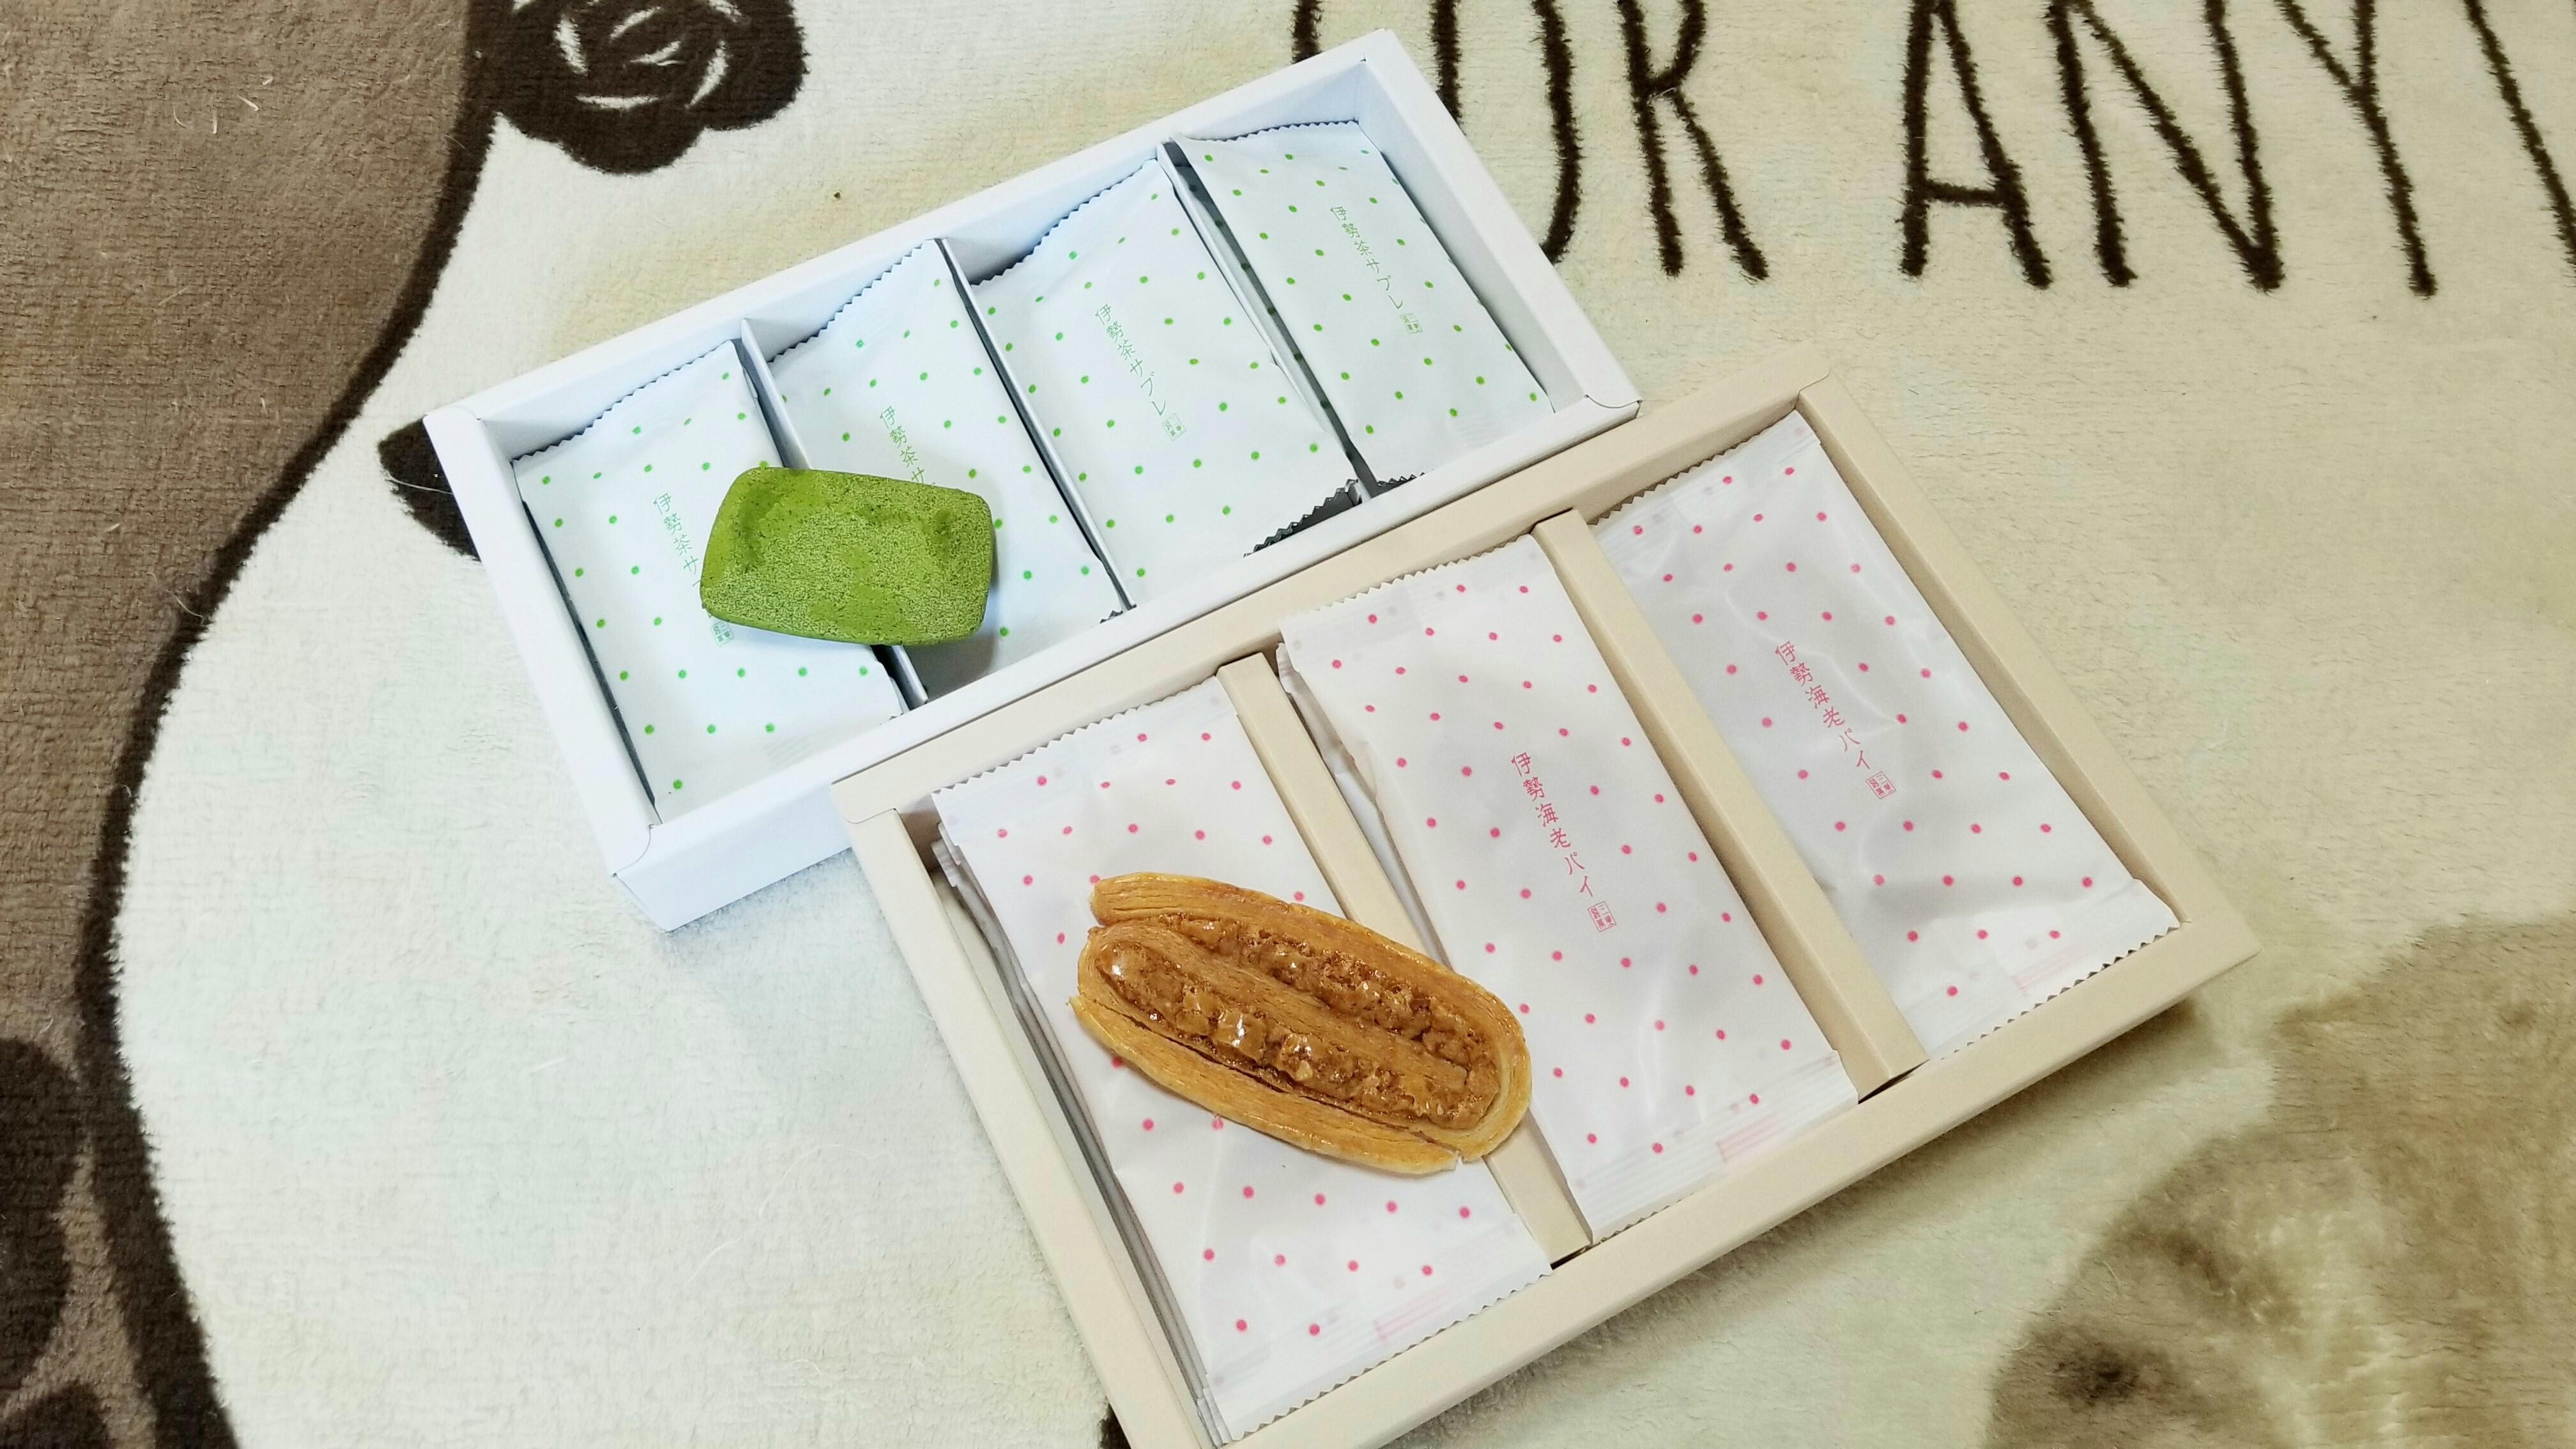 伊勢茶サブレ海老パイサクサクでおいしいお菓子三重県嬉しいお土産